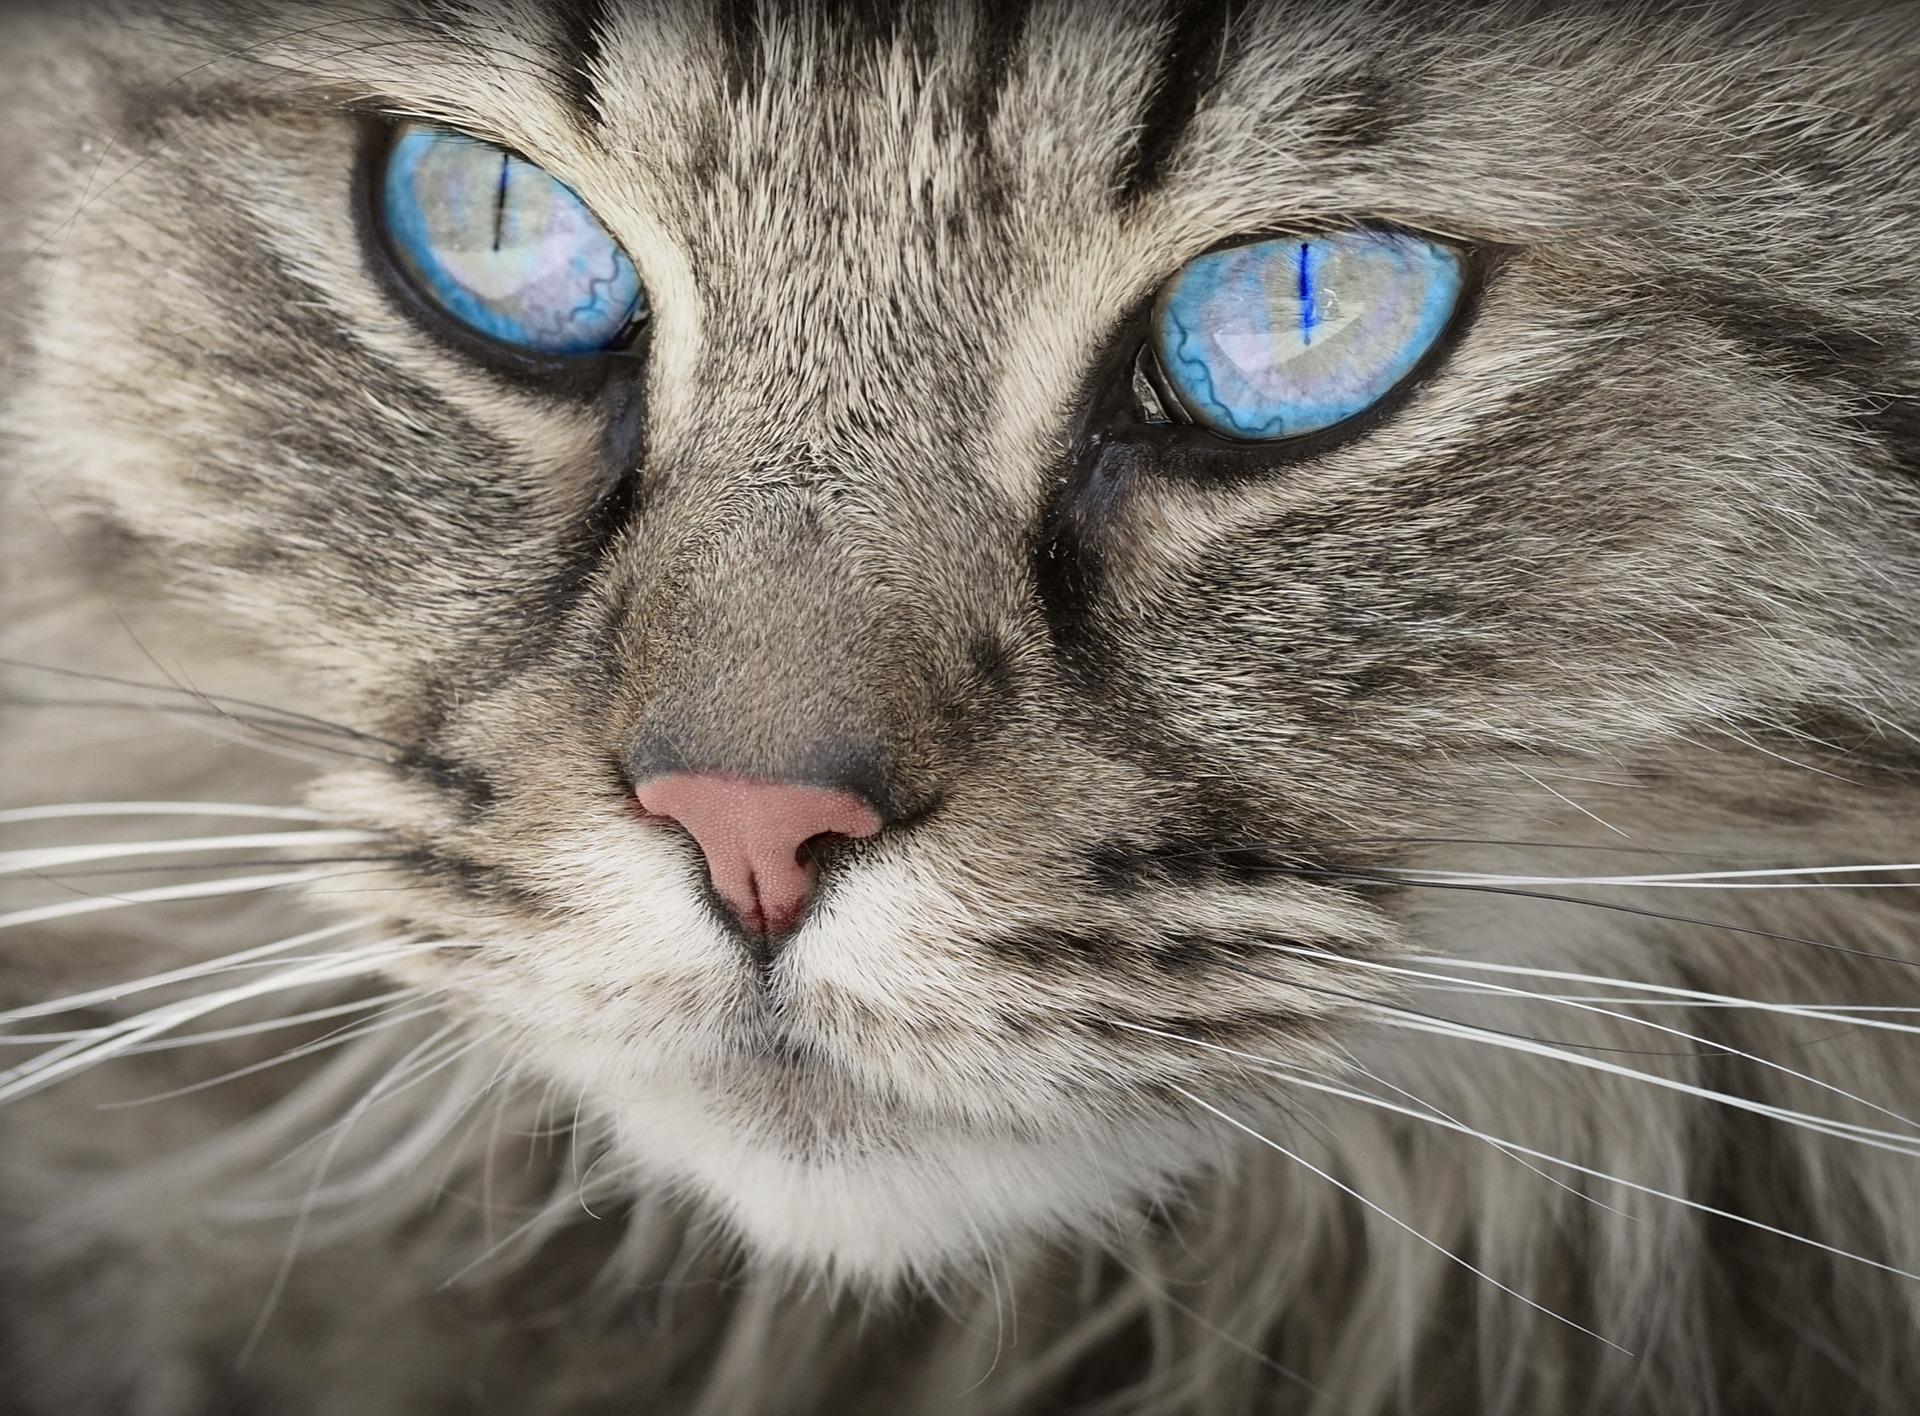 बिल्ली, बिल्ली के समान, चेहरा, आँखें, ब्लू, पालतू पशु - HD वॉलपेपर - प्रोफेसर-falken.com